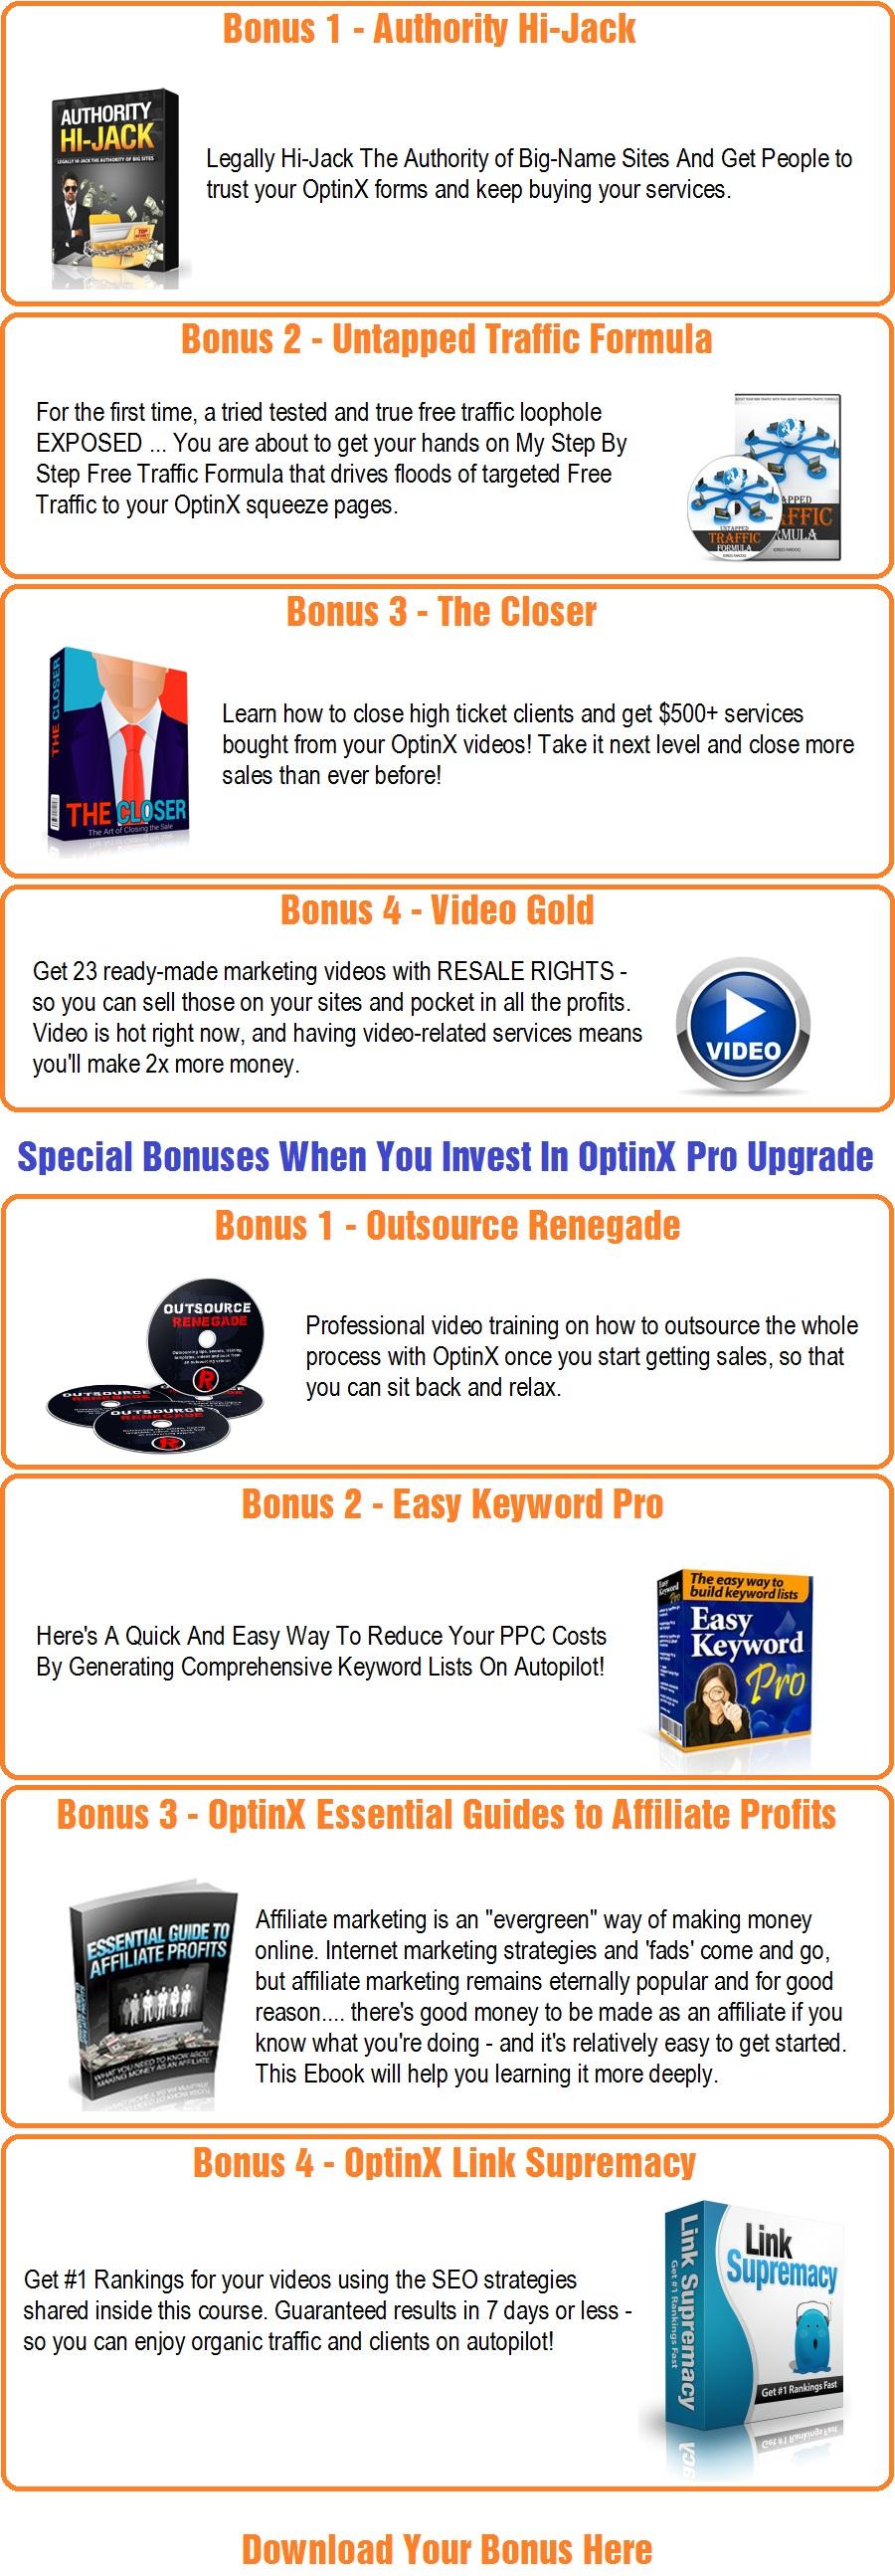 OptinX Bonus